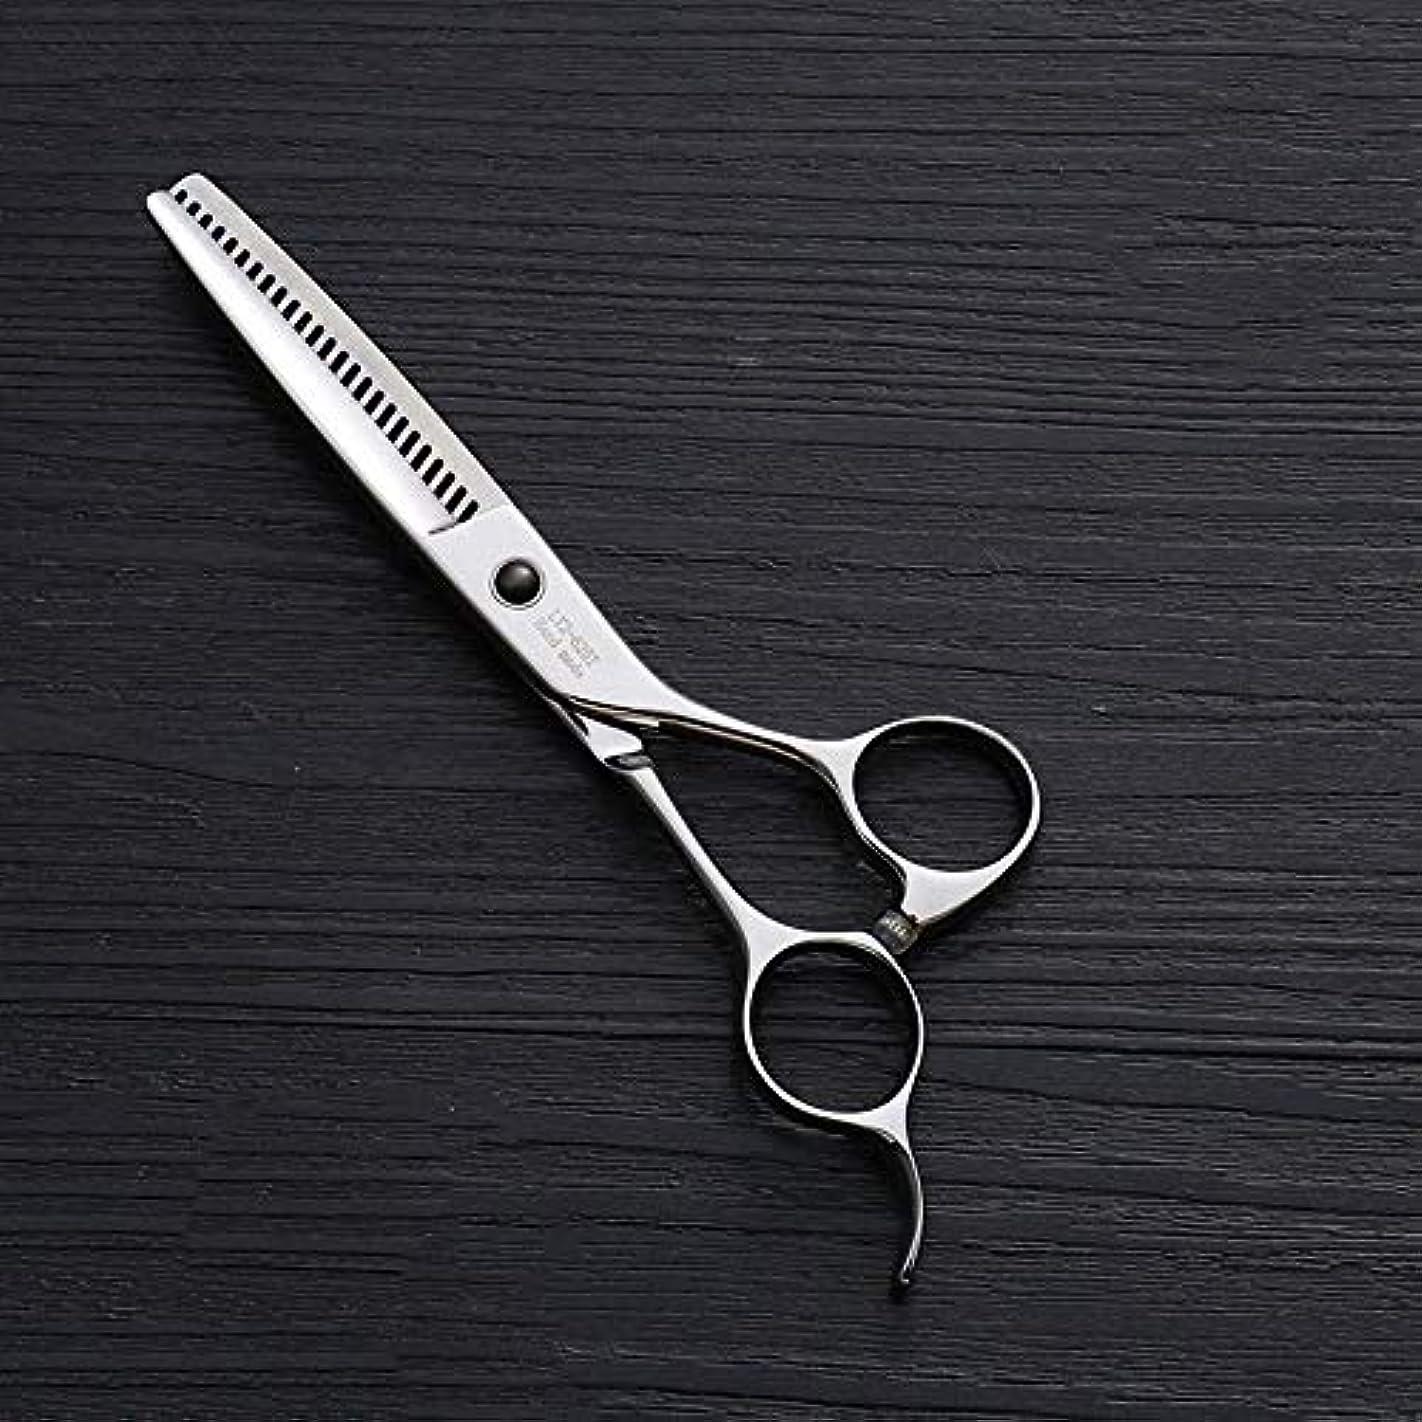 お手伝いさん事務所バンガロー440Cステンレス鋼ハイエンドヘアカットツール、25歯T型6インチ美容院プロフェッショナル理髪はさみ ヘアケア (色 : Silver)